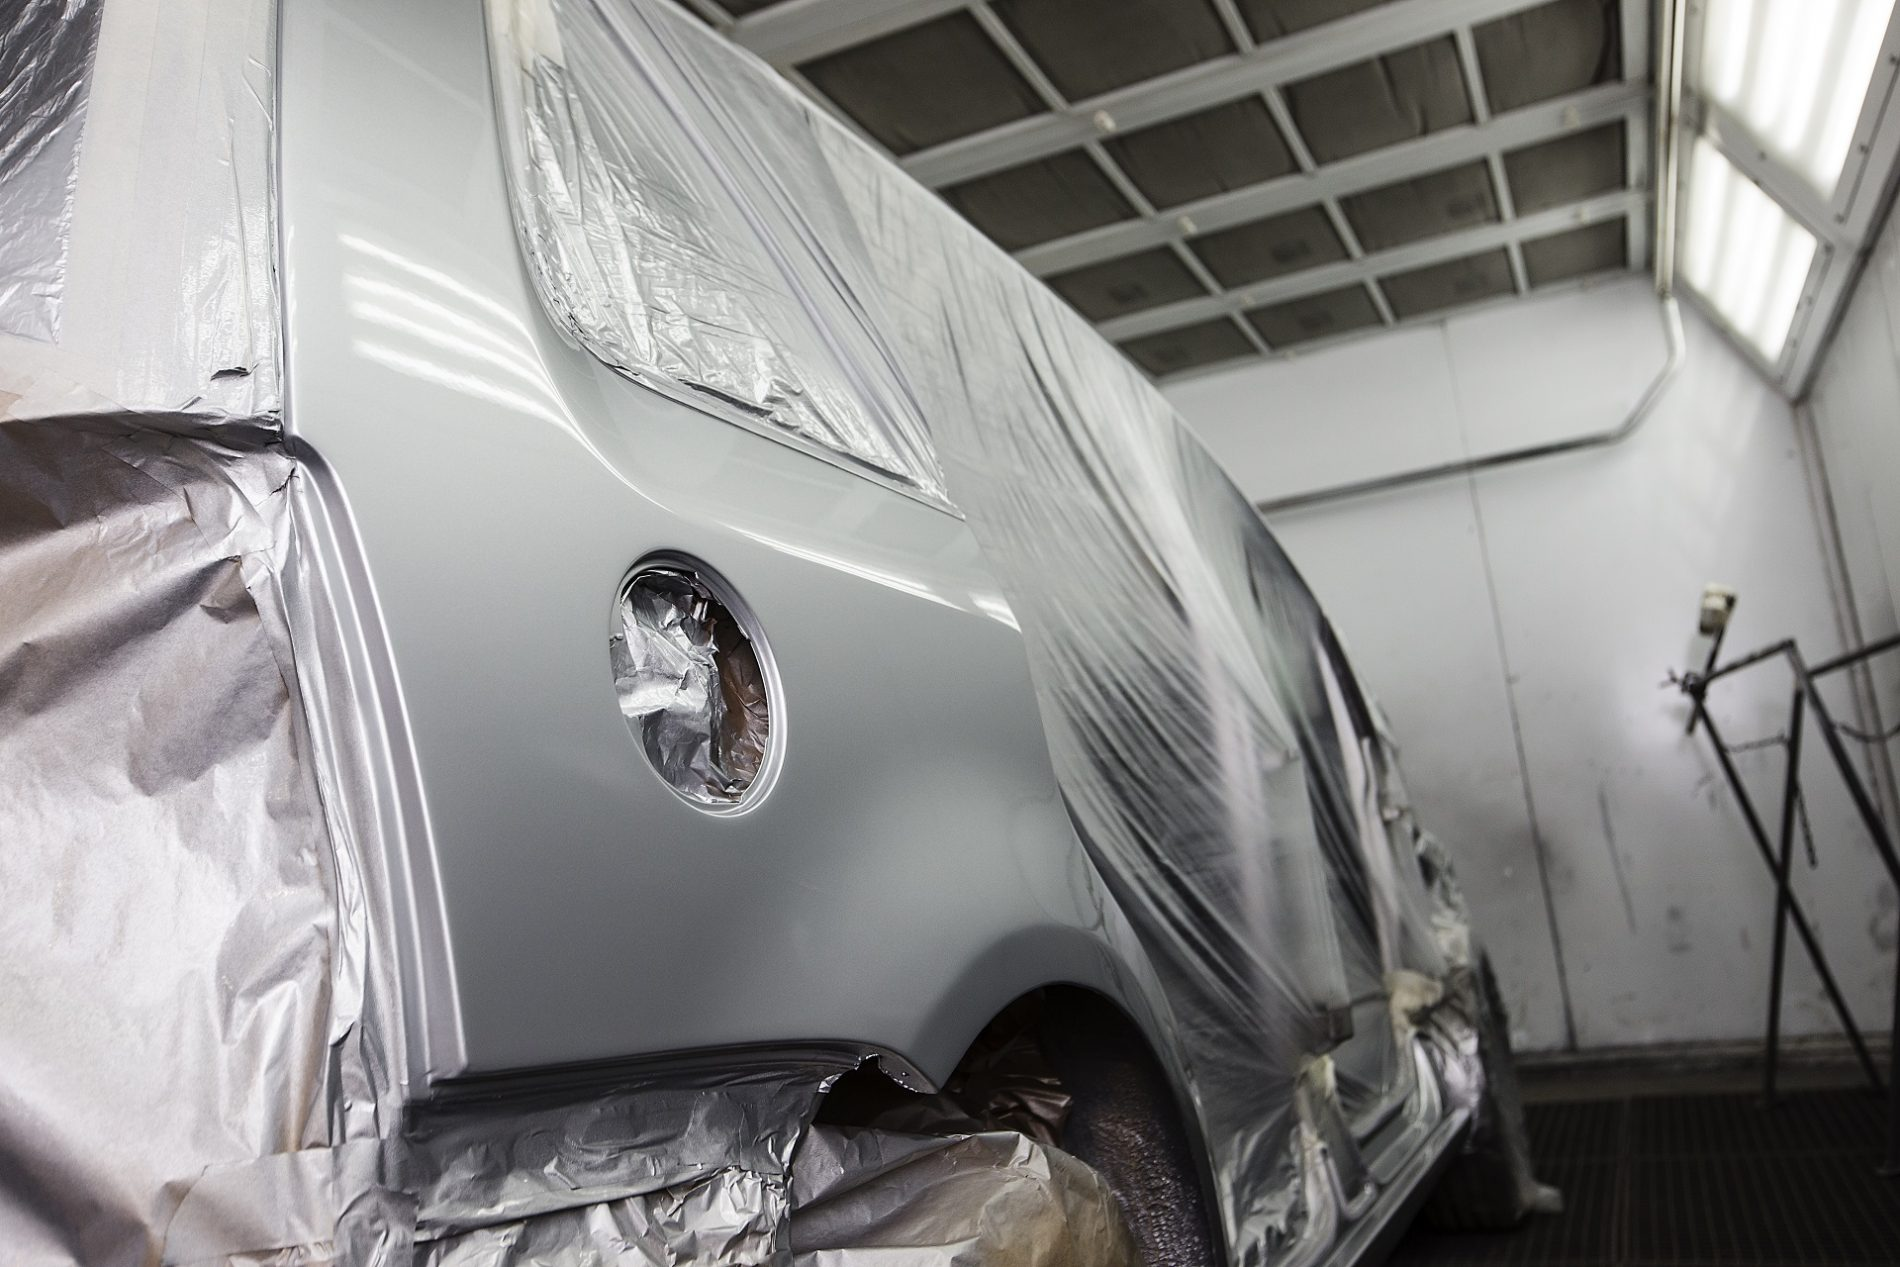 Automobilio touran dazymas